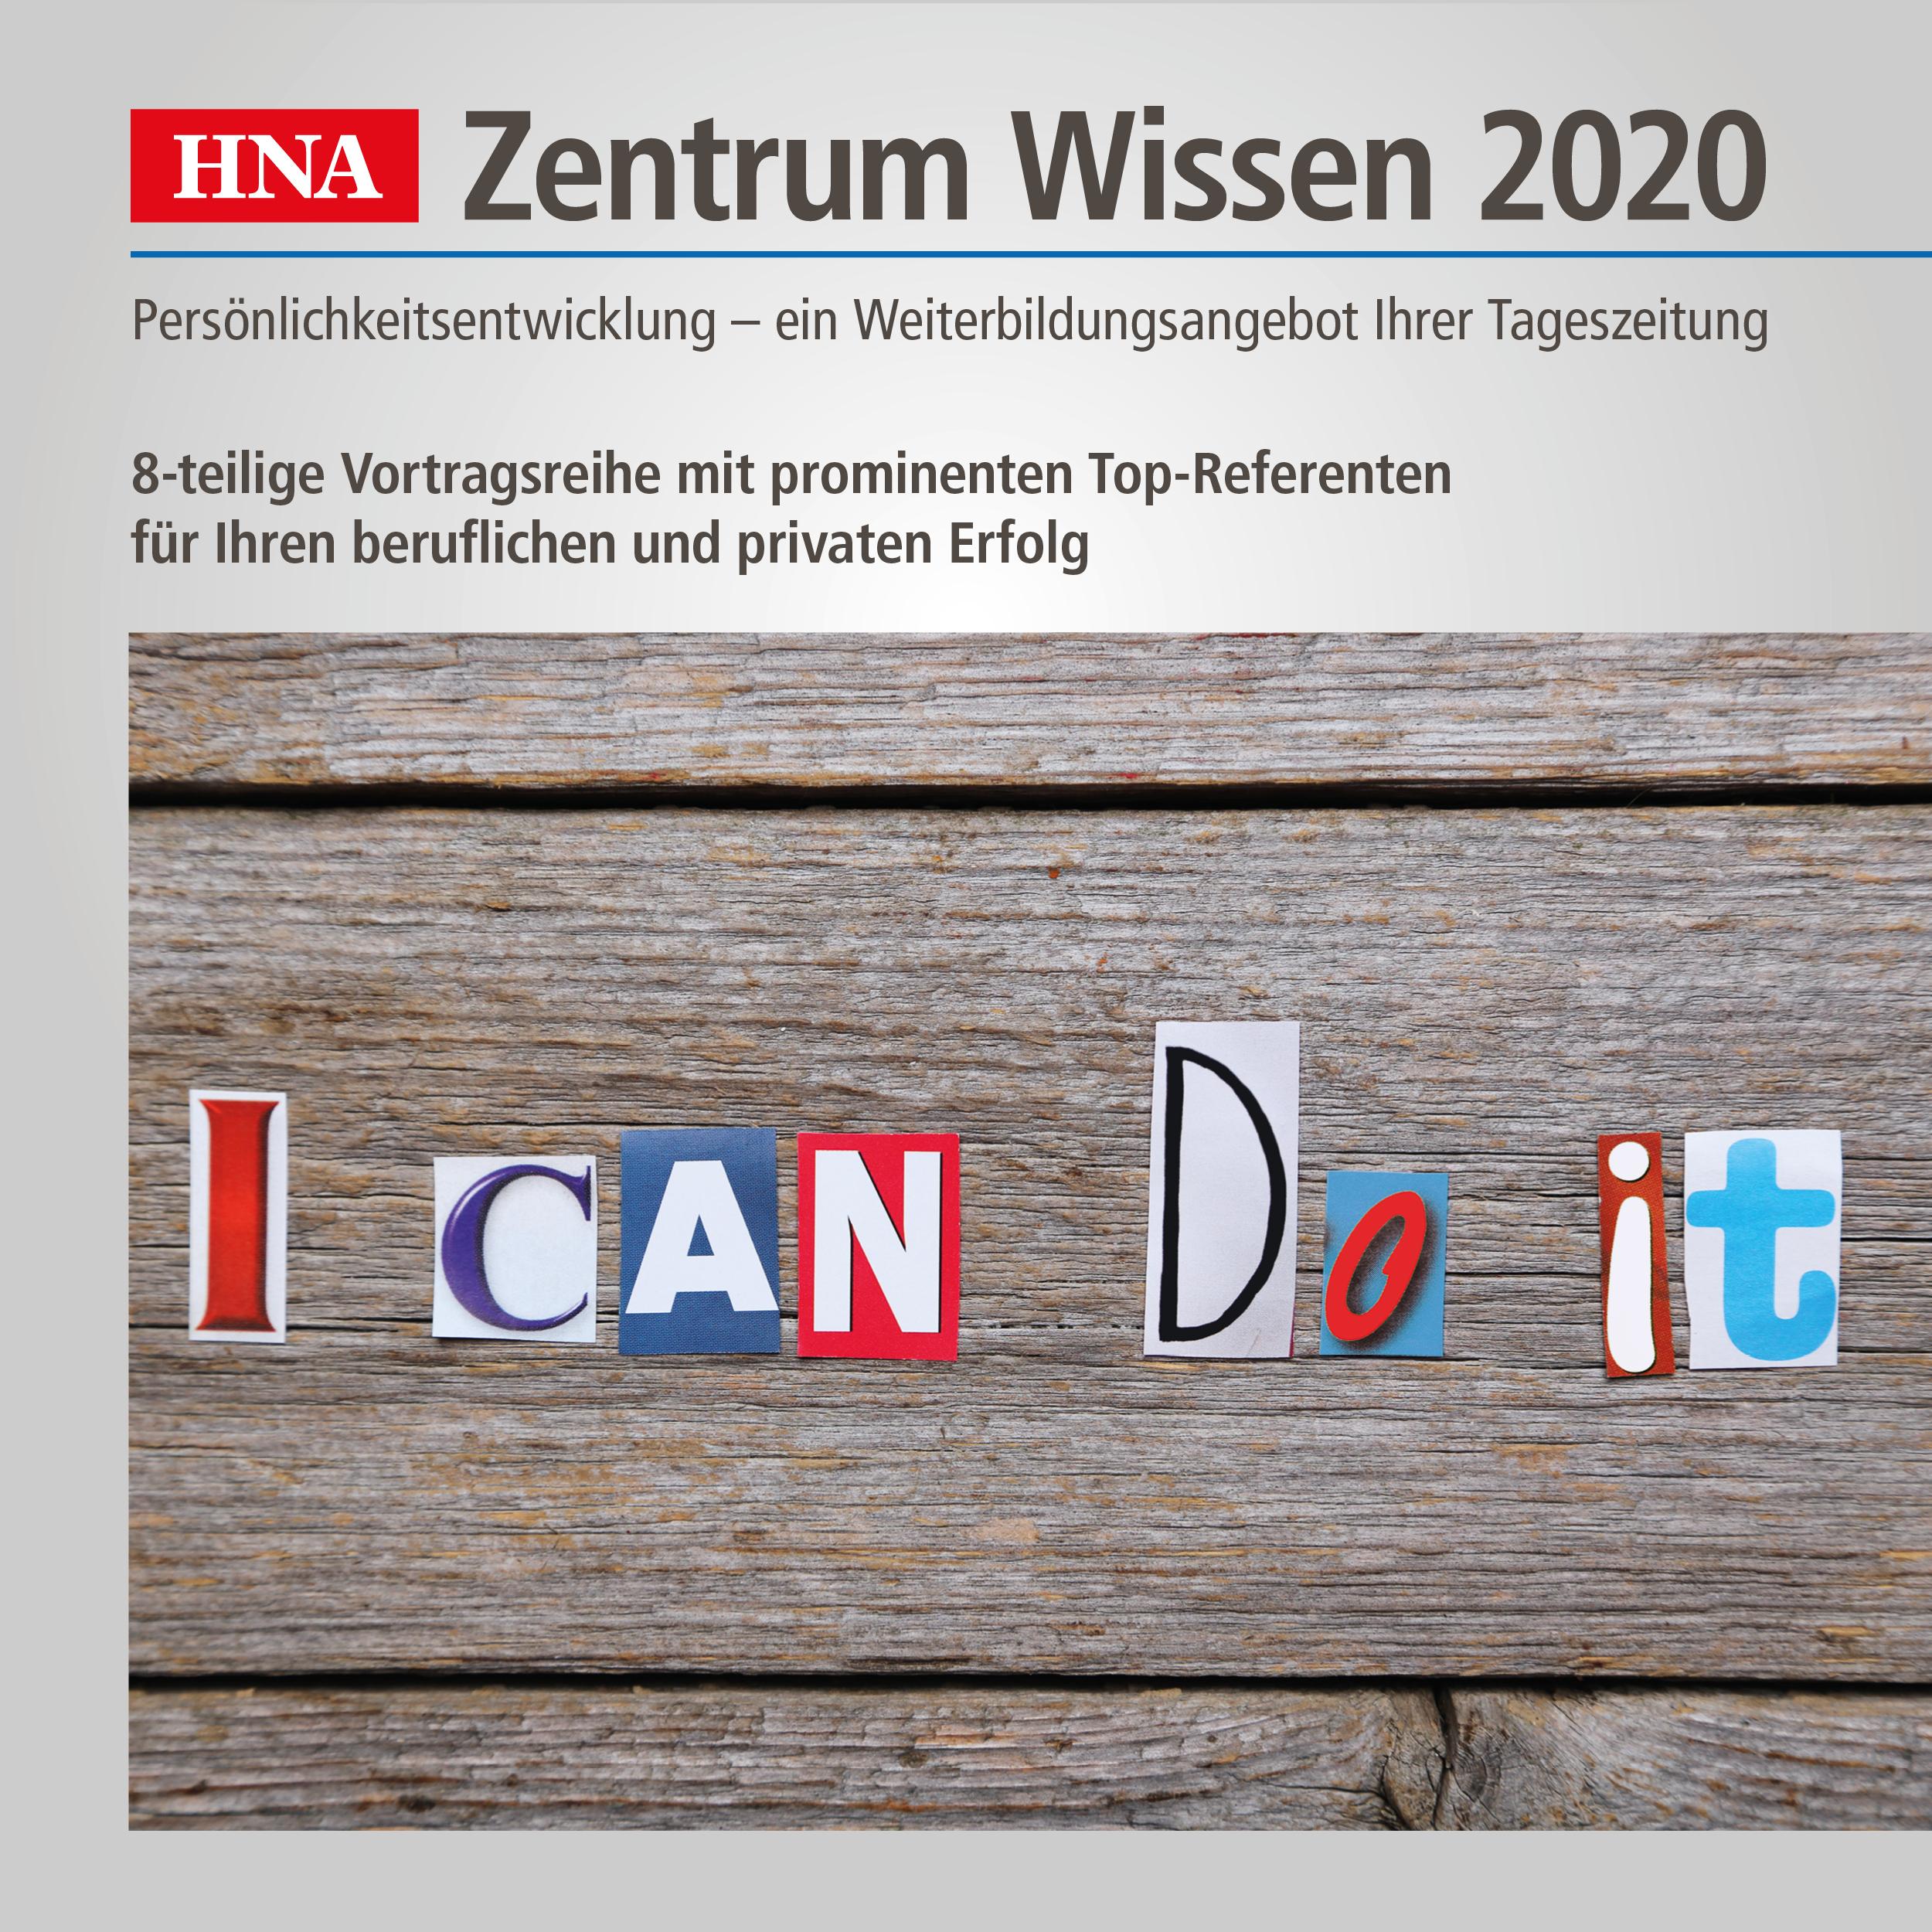 Zentrum Wissen 2020